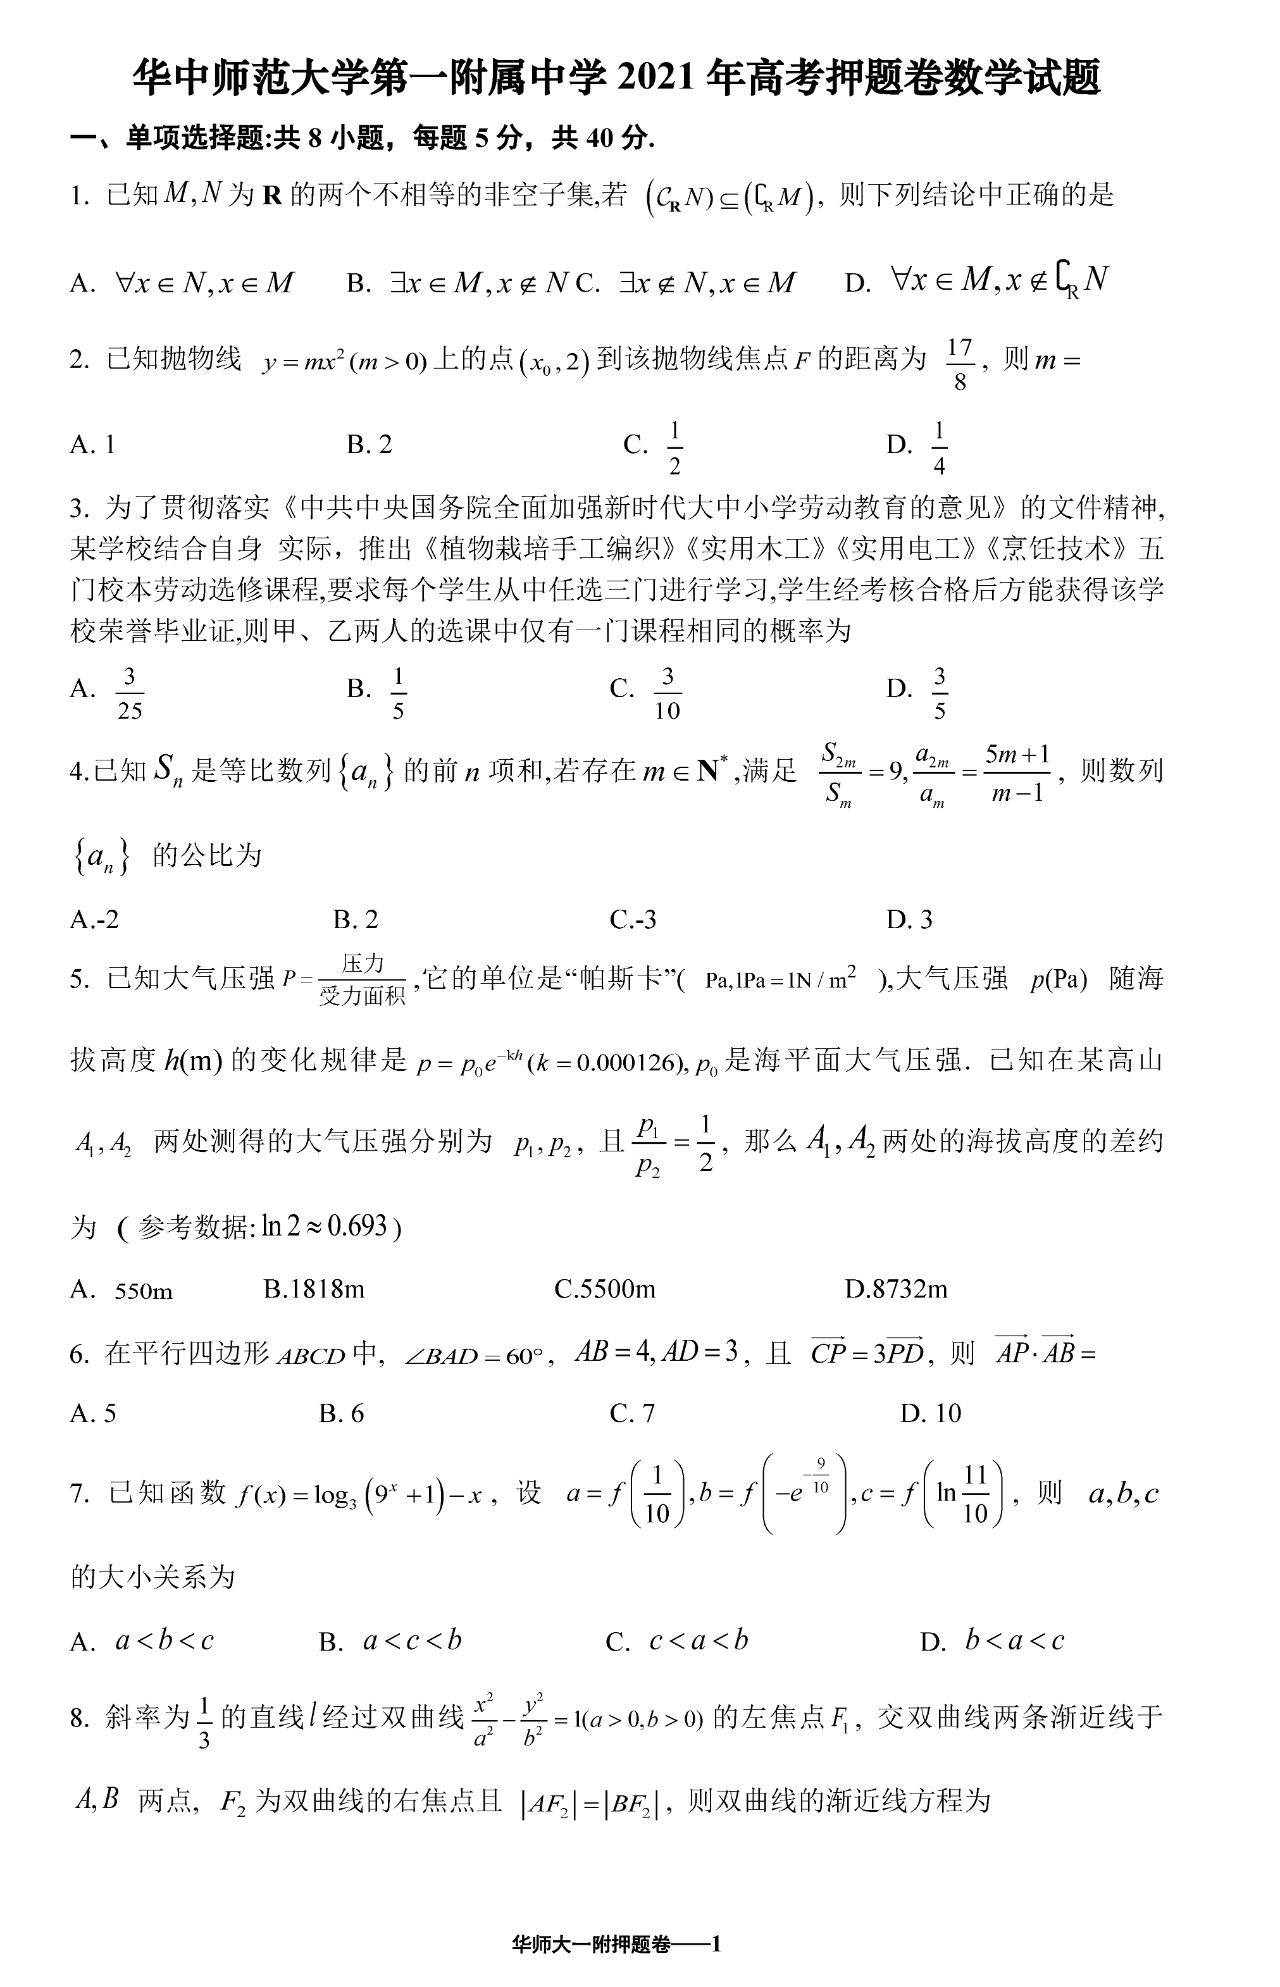 华中师范大学第一附中2021年新高考数学培训卷及答案出炉